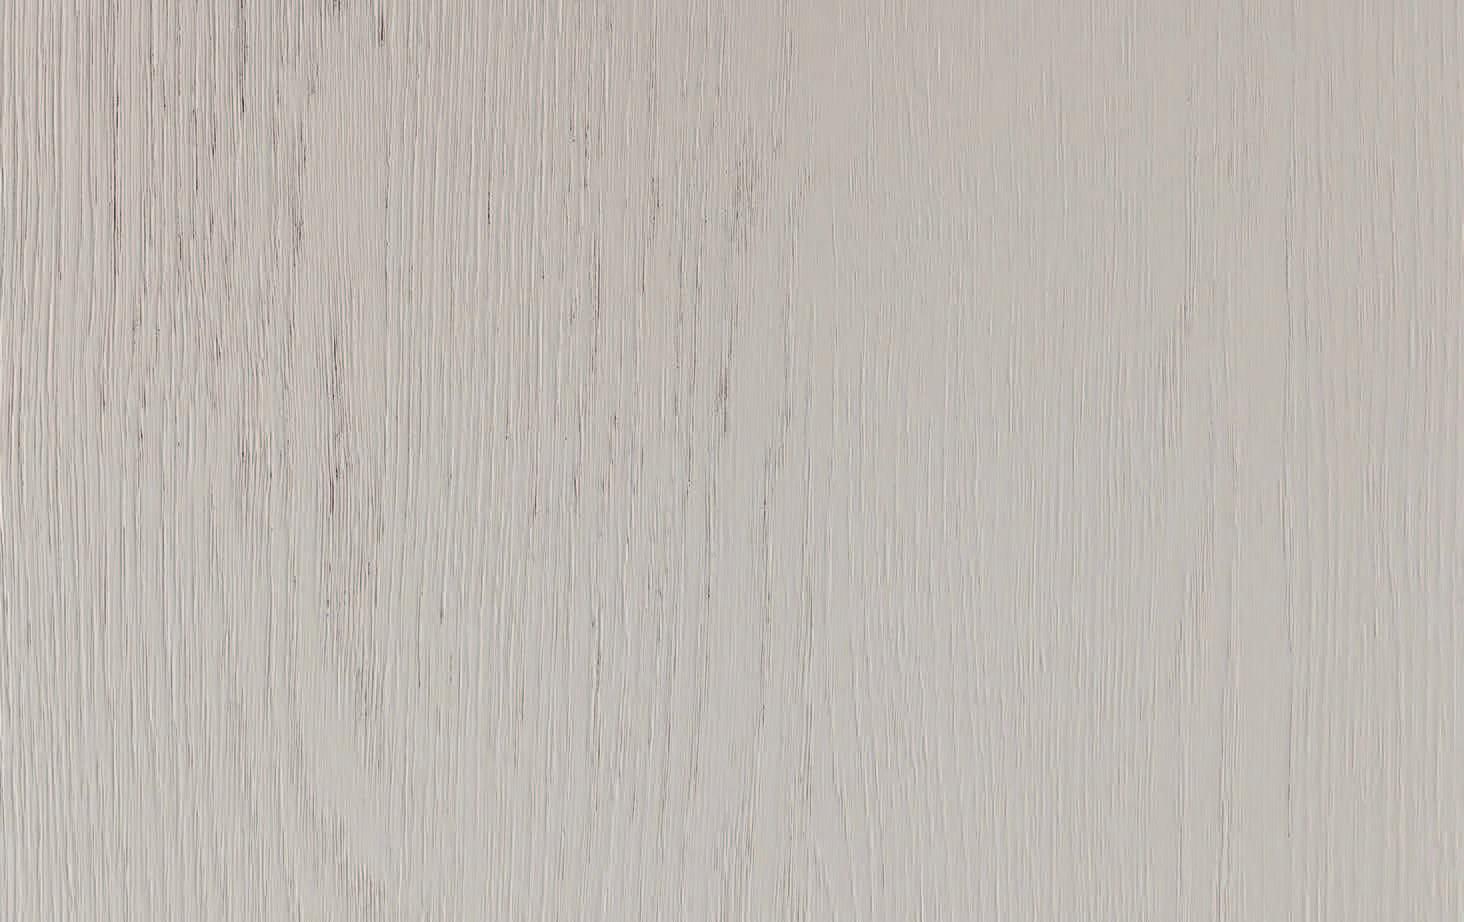 RV0553 Laccato Pietra Poro Aperto